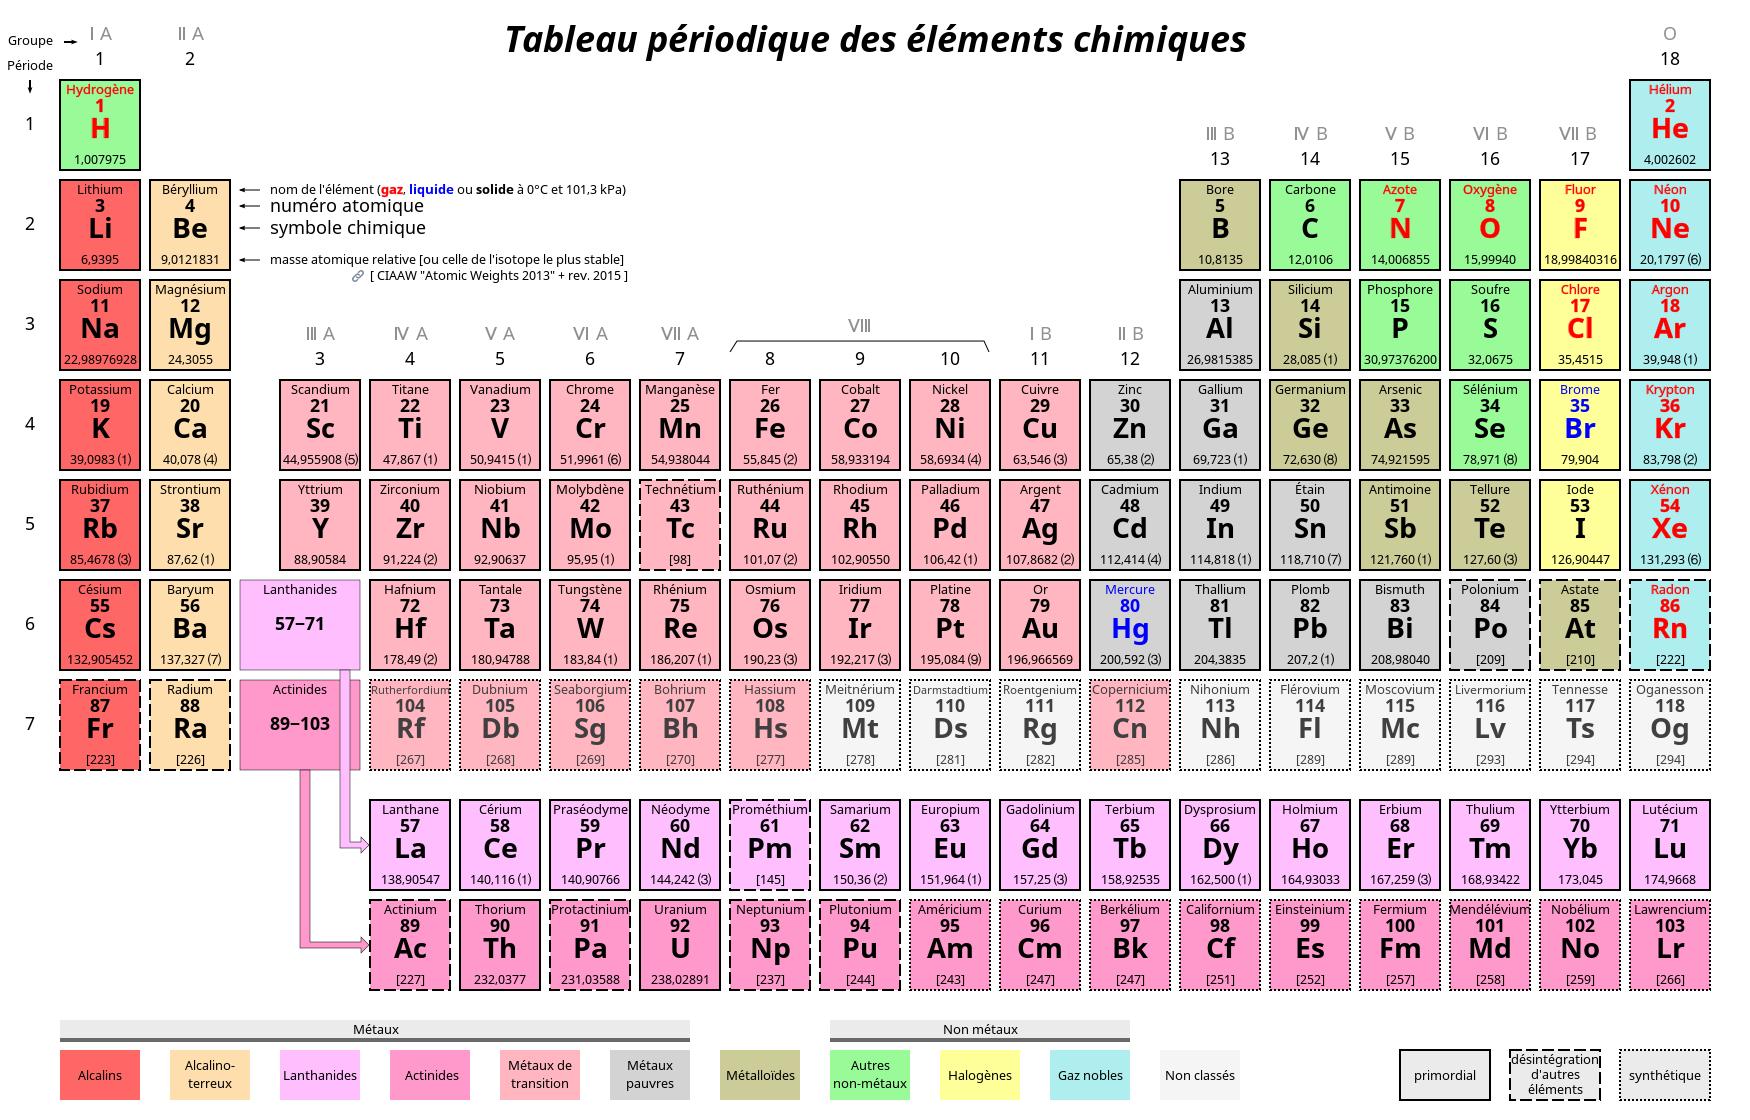 Tableau périodique des éléments © Scaler,Michka B CC-BY SA 3.0.